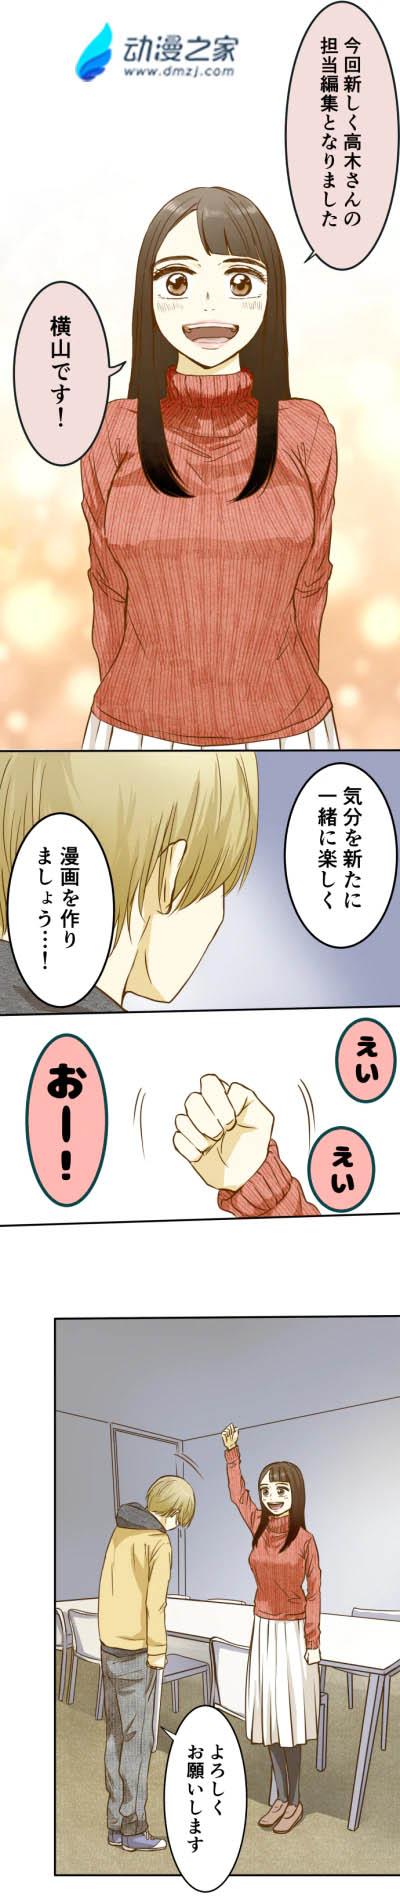 takagi_0001.webp.jpg